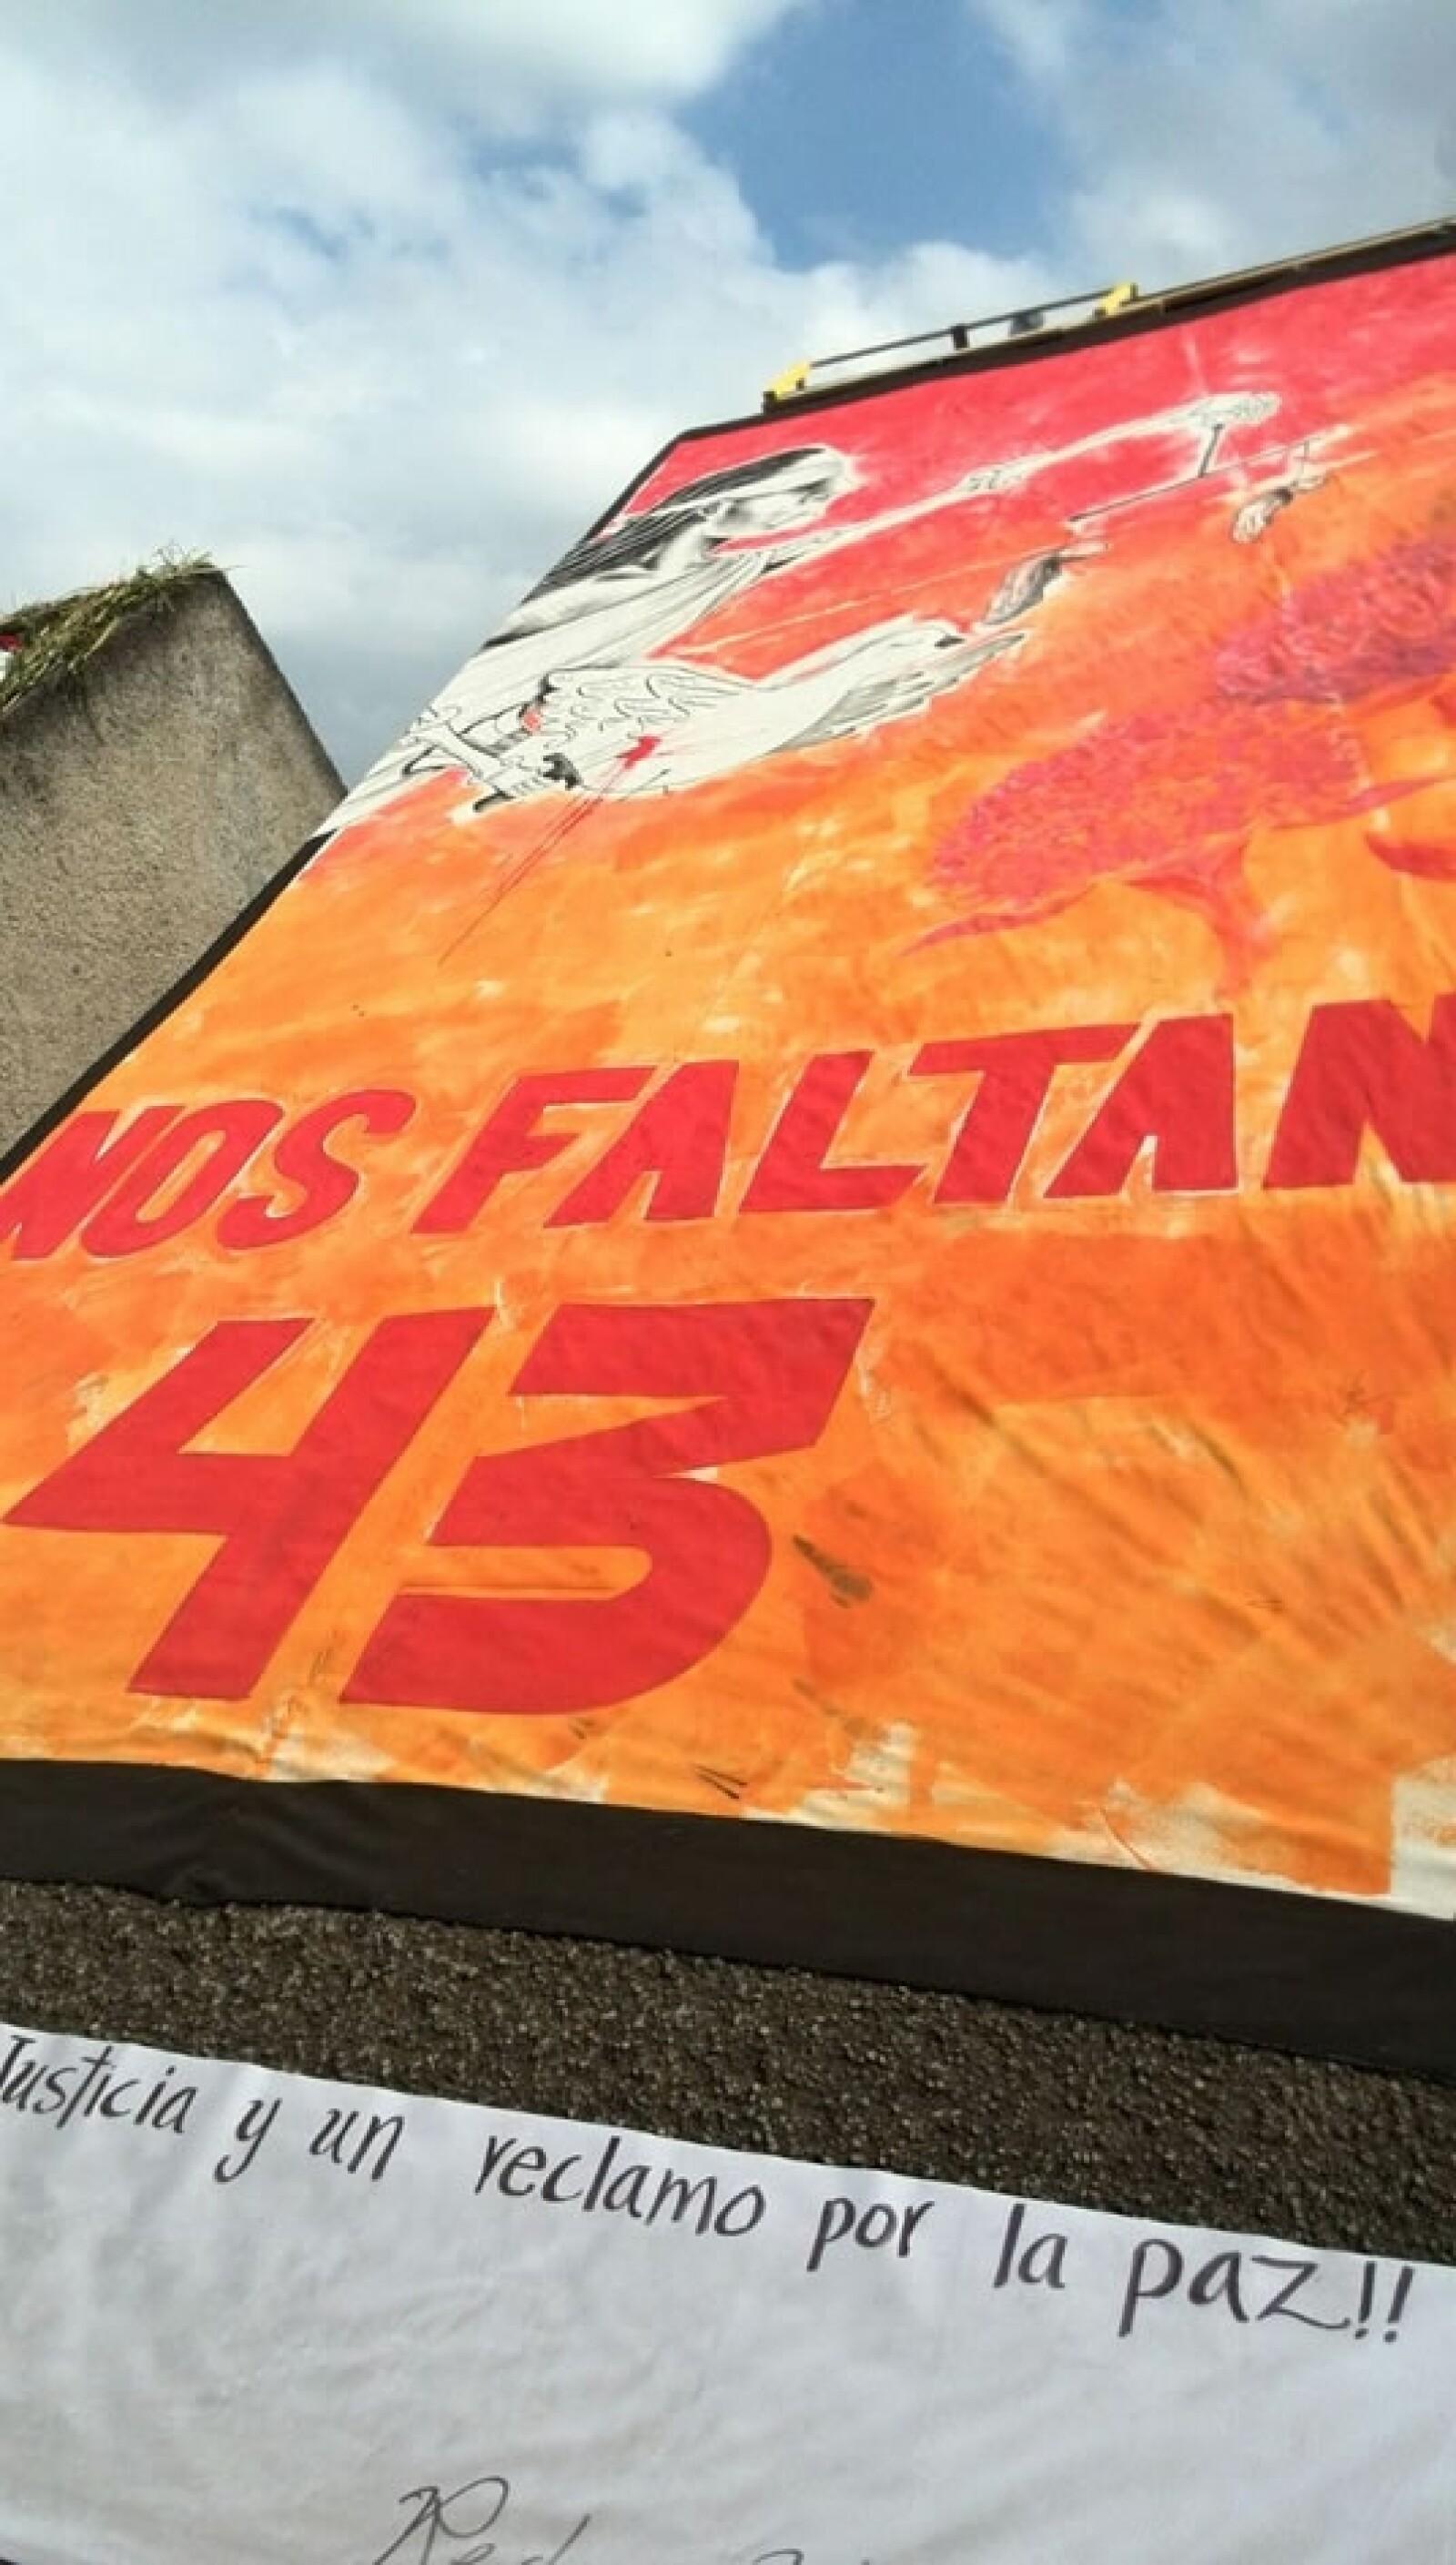 En una pared de la calle Regina, se observa a la justicia y una solicitud: Nos faltan 43